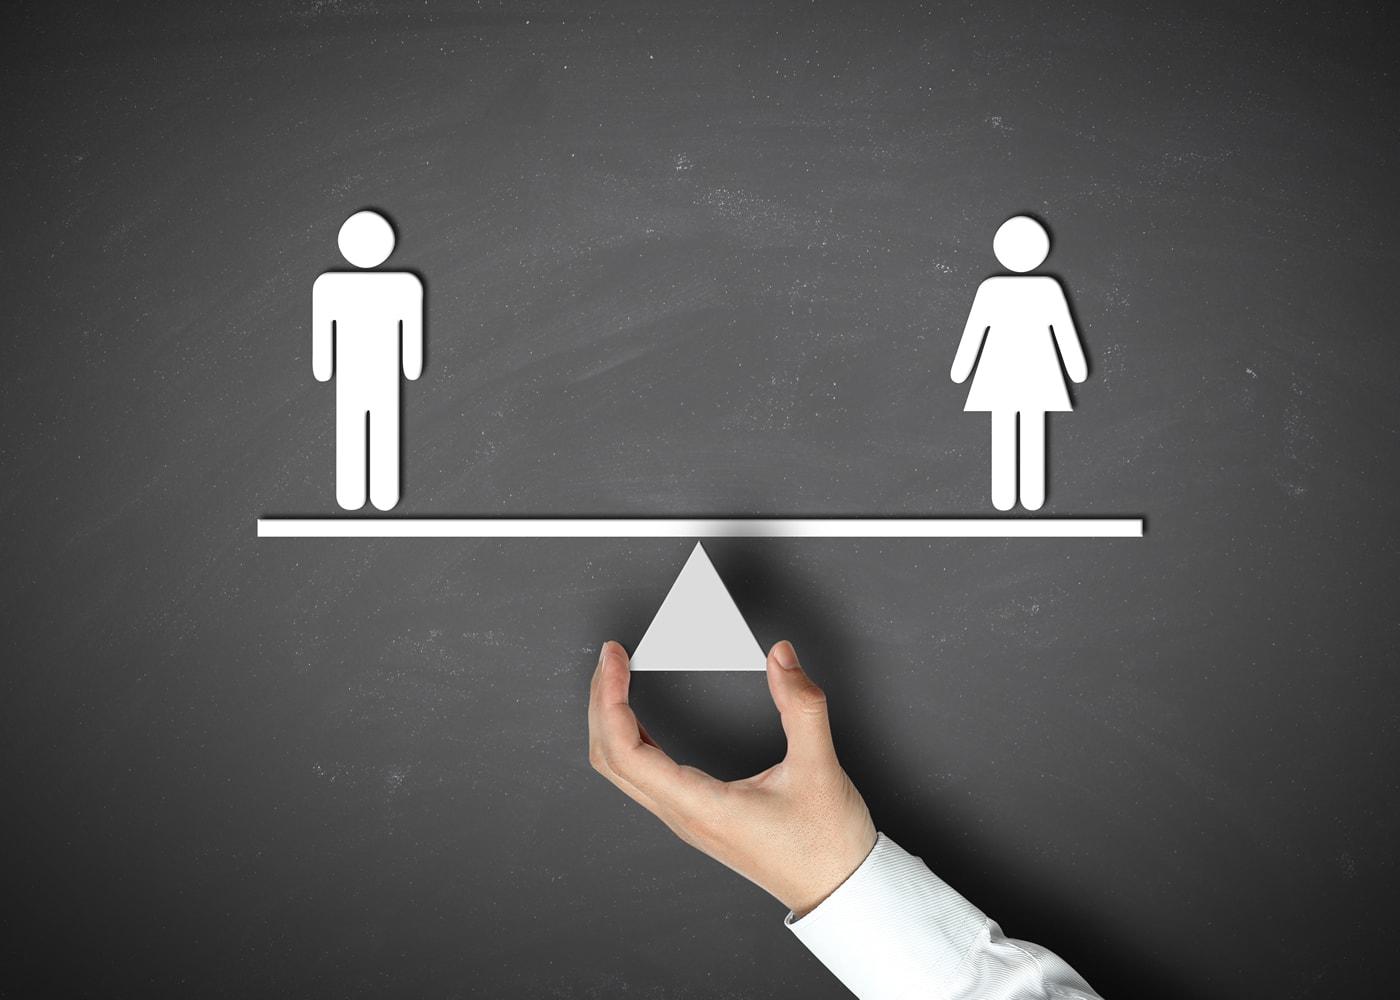 naem-2018-blog-male-equals-female-concept-businessman-hand-700x500